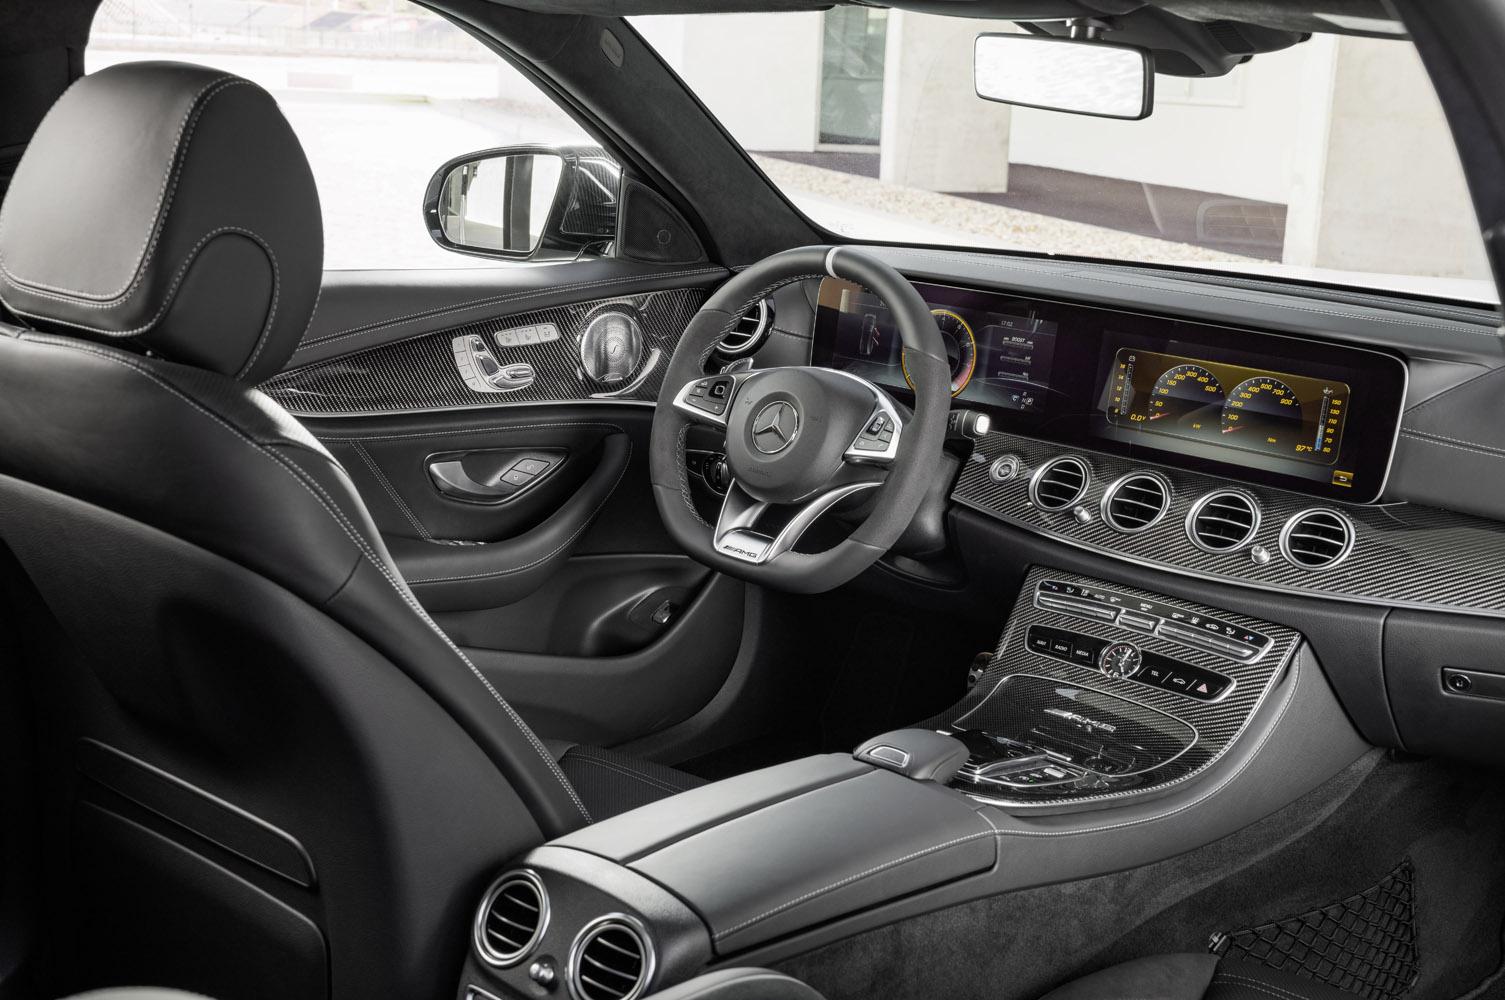 Mercedes-AMG E 63 S 4MATIC+ T-Modell, diamantweiß, Innenausstattung: Schwarzes Nappaleder mit grauen Ziernähten;Kraftstoffverbrauch kombiniert: 9,1 l/100 km, CO2-Emissionen kombiniert: 206 g/km* Mercedes-AMG E 63 S 4MATIC+ Estate, diamond white, Interior: Nappa leather black;Fuel consumption combined: 9.1 l/100 km; combined CO2 emissions: 206 g/km*